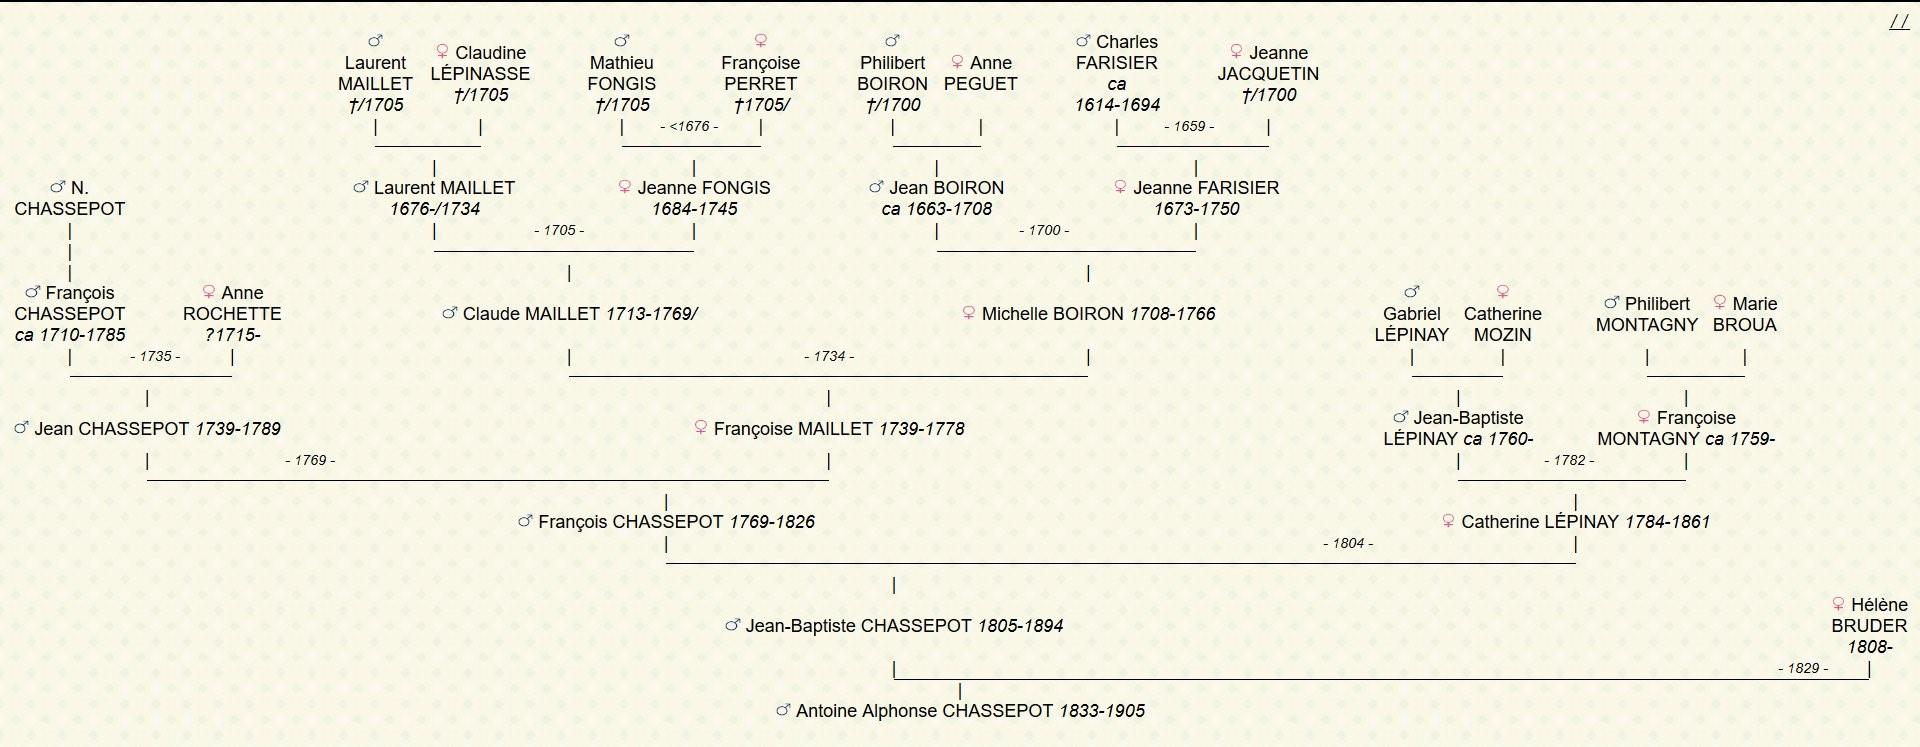 Arbre généalogique d'Antoine Alphonse CHASSEPOT